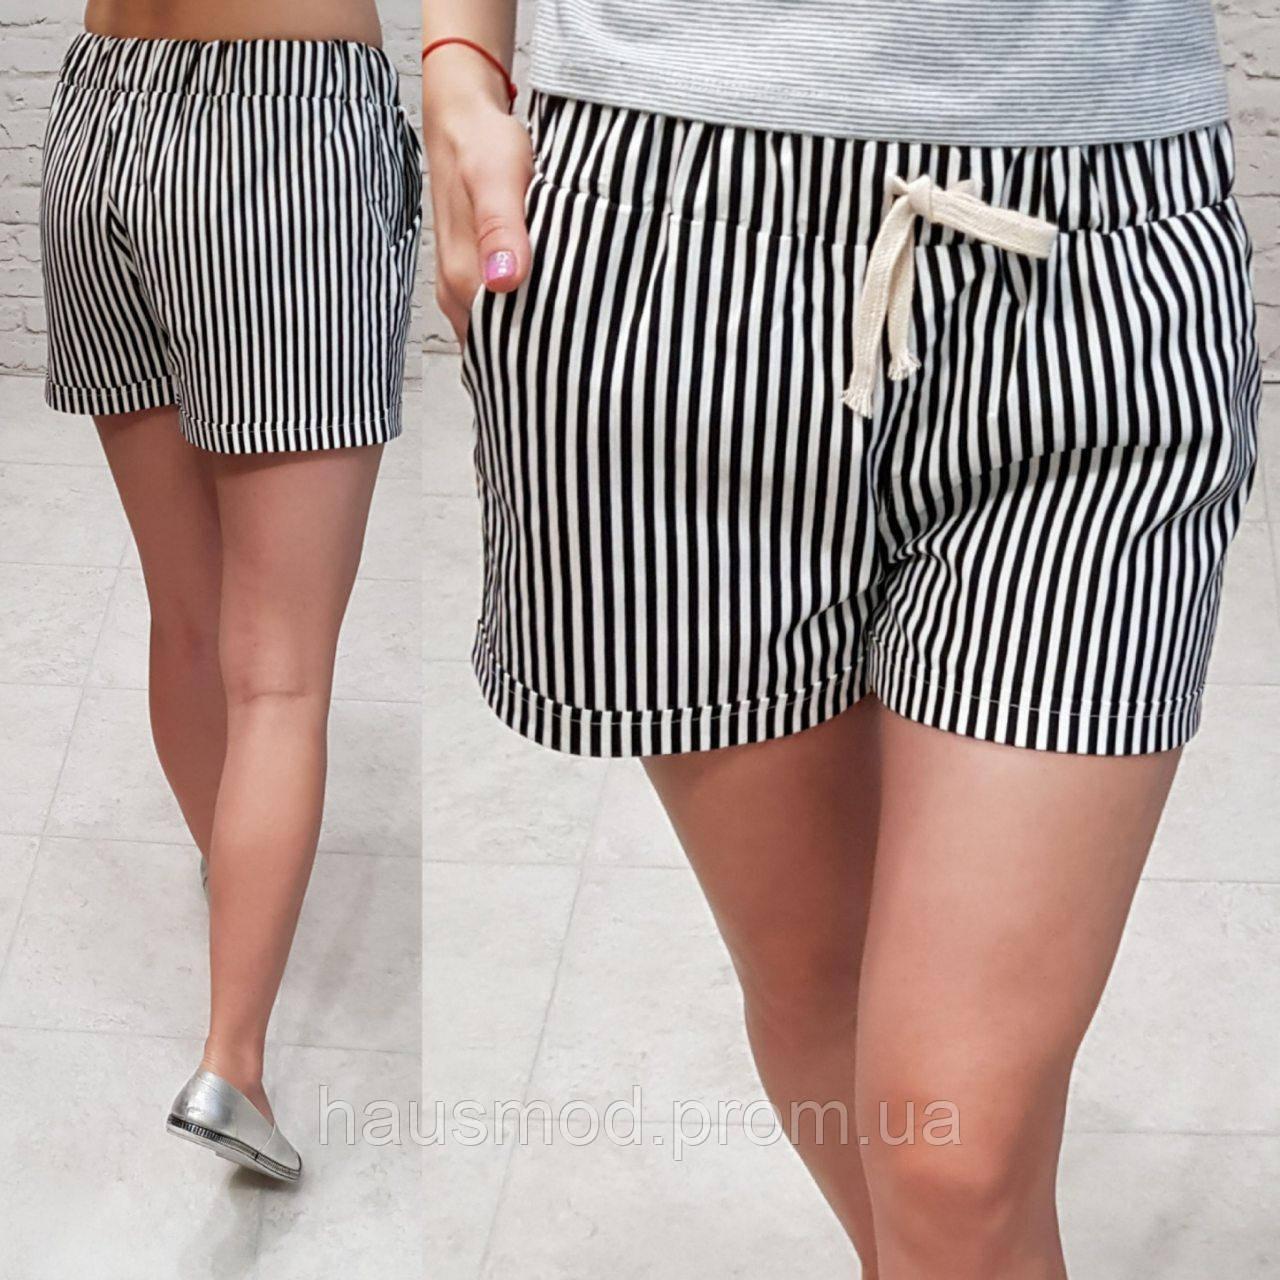 Женские шорты короткие узор полоска ткань катон Турция длина 30 см цвет черный